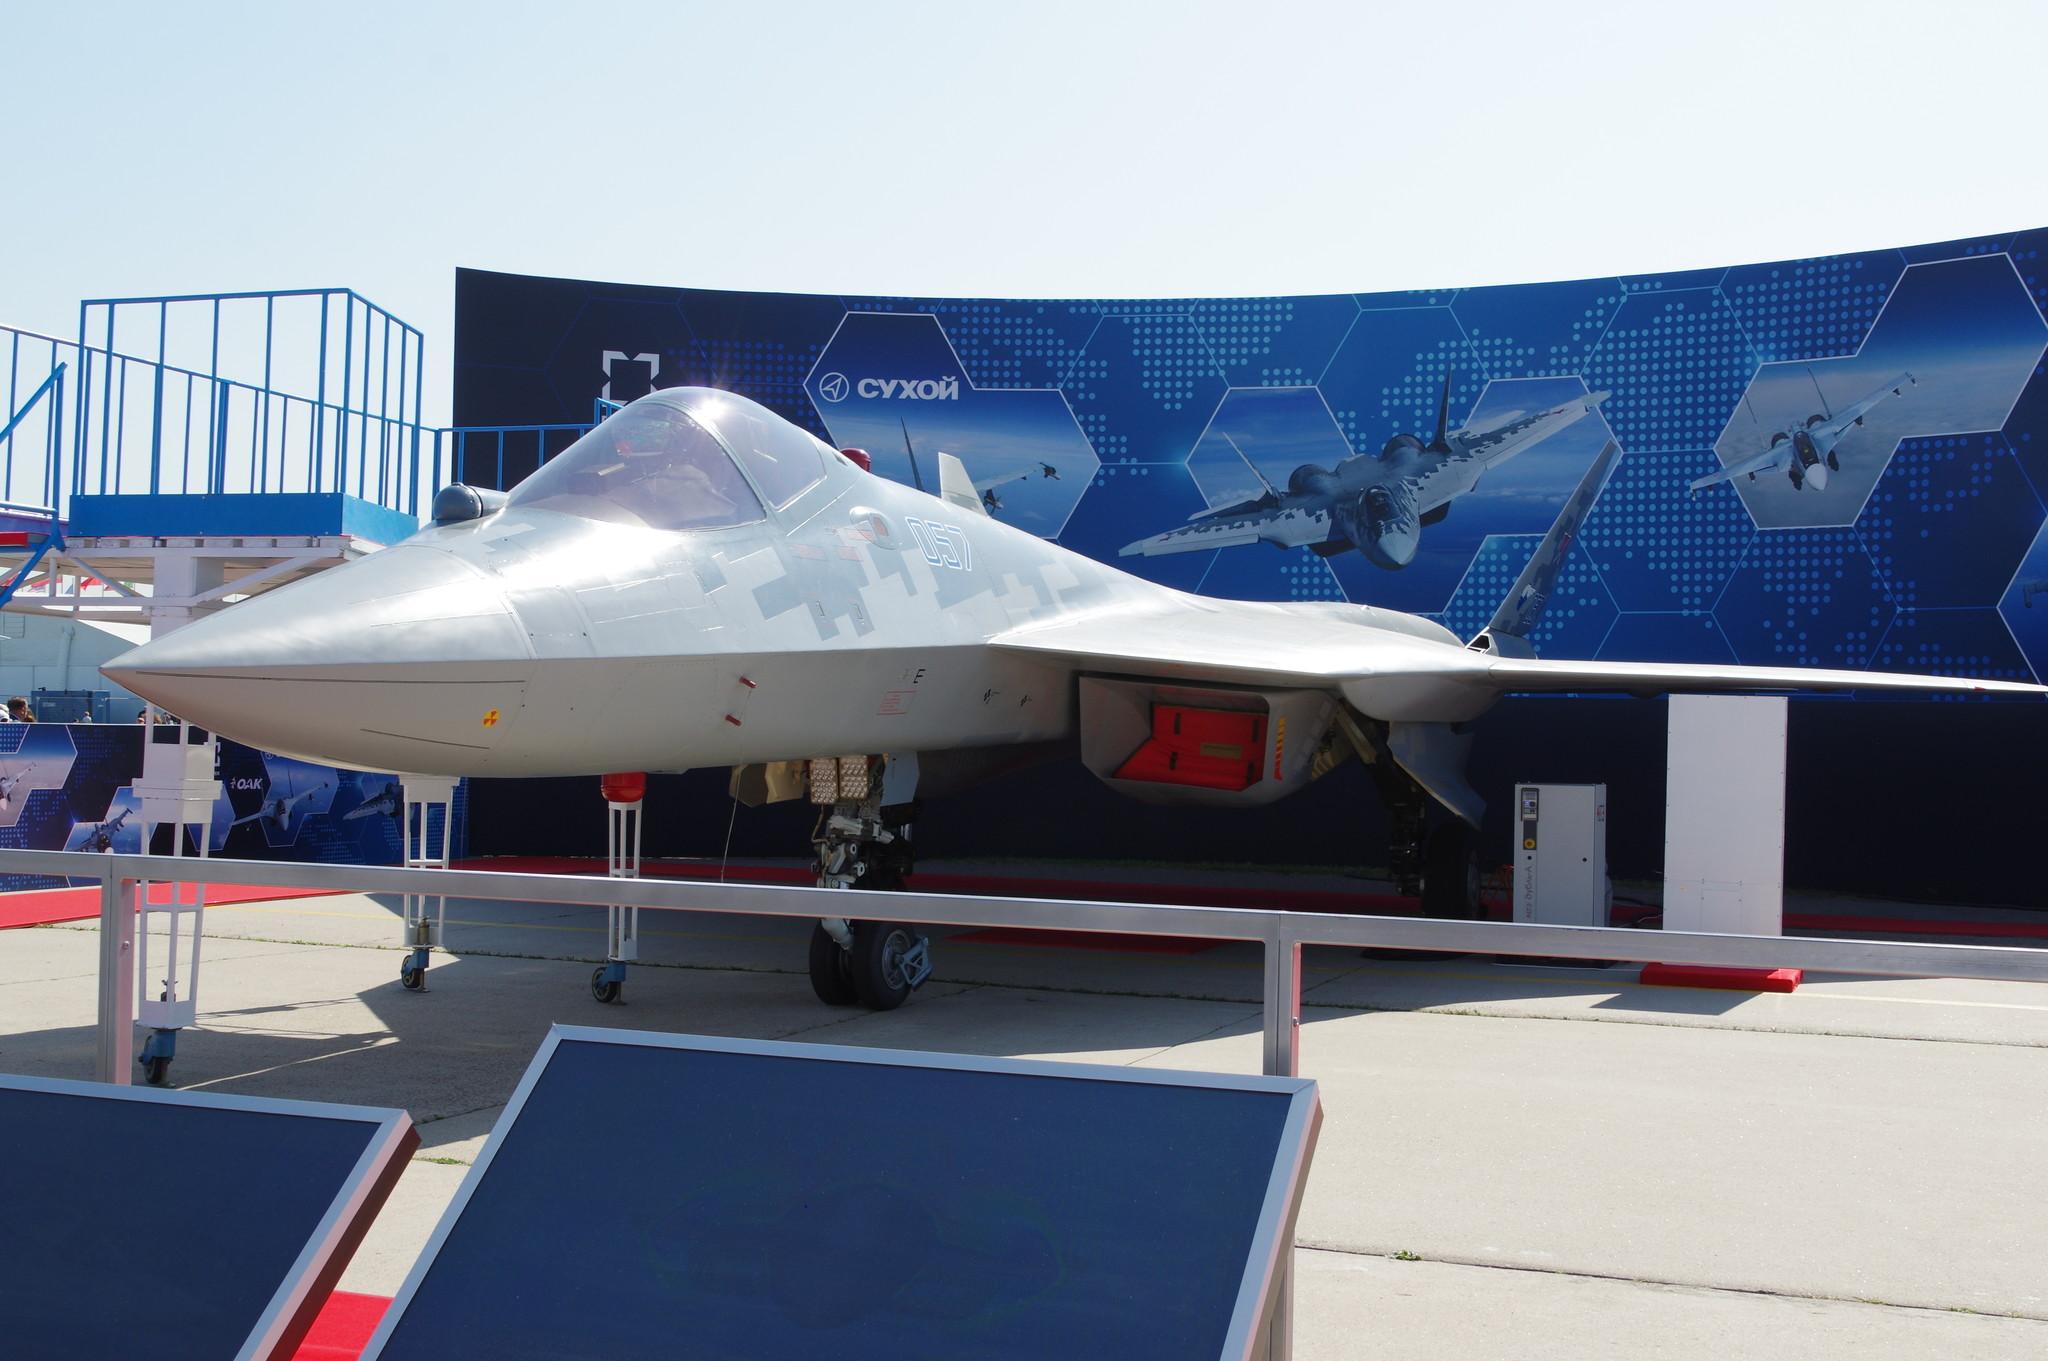 Многофункциональный истребитель пятого поколения Су-57Э